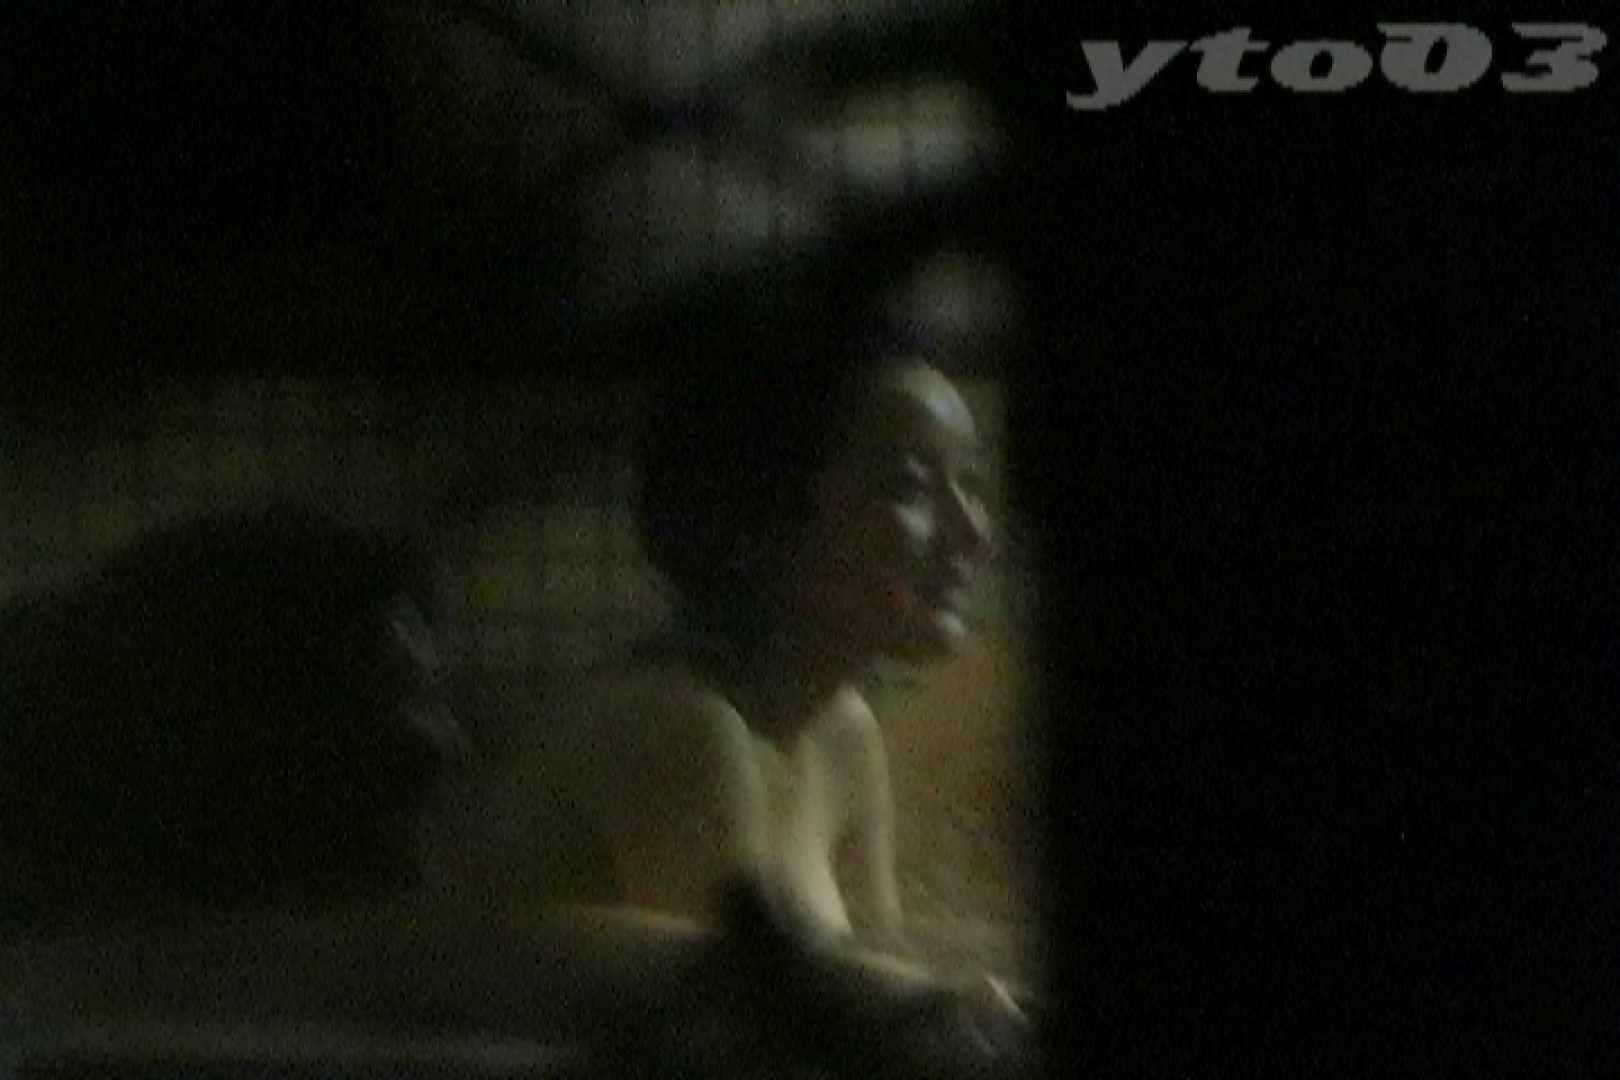 ▲復活限定▲合宿ホテル女風呂盗撮 Vol.20 ホテルの中 エロ画像 91枚 12